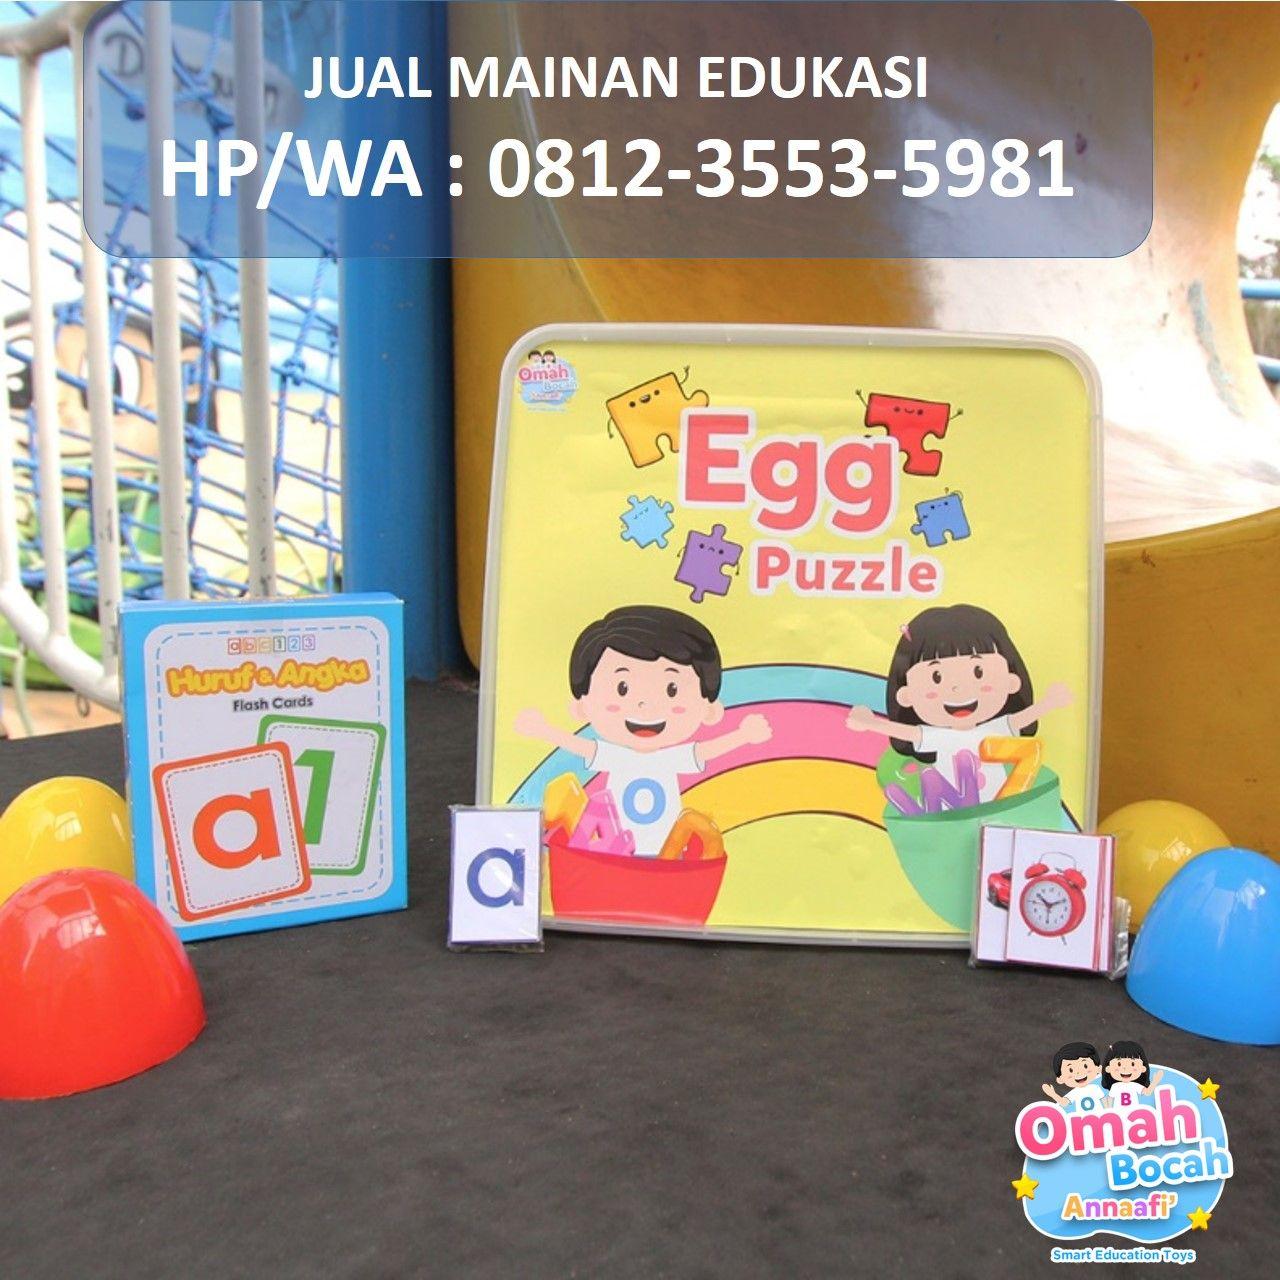 New Tlp Wa 0812 3553 5981 Mainan Edukasi Untuk Anak 1 5 Tahun Omah Bocah Annaafi Malang Di 2020 Mainan Anak Mainan Mainan Bayi